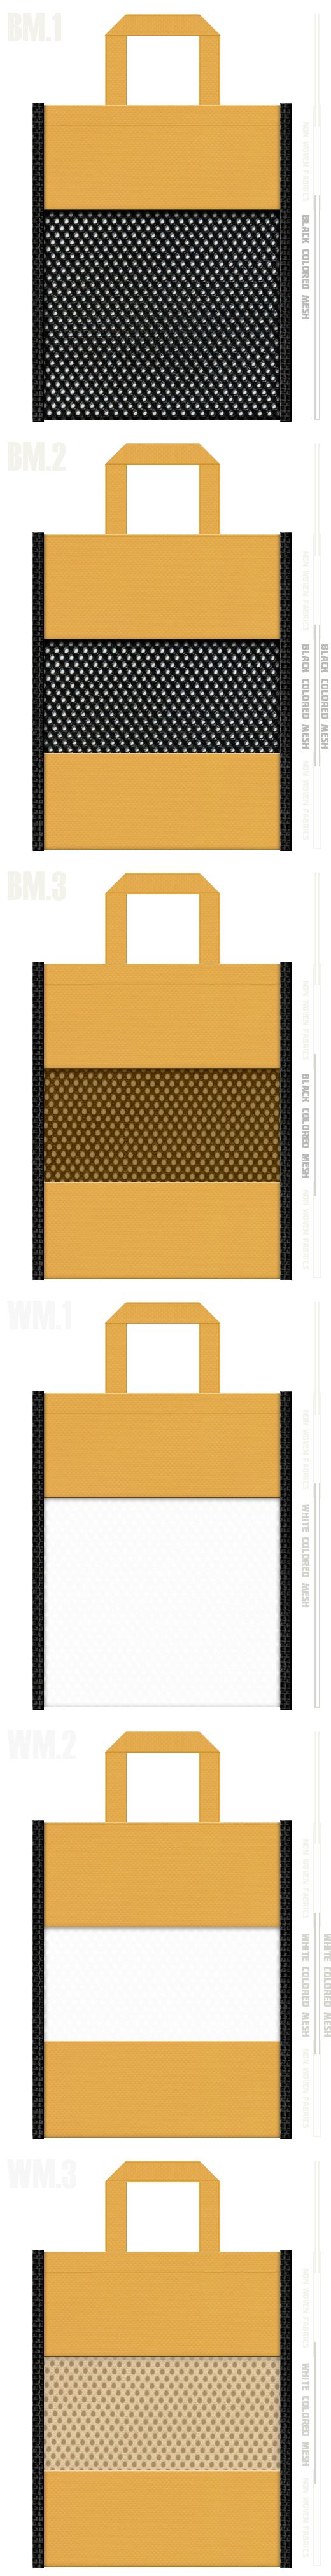 フラットタイプのメッシュバッグのカラーシミュレーション:黒色・白色メッシュと黄土色不織布の組み合わせ